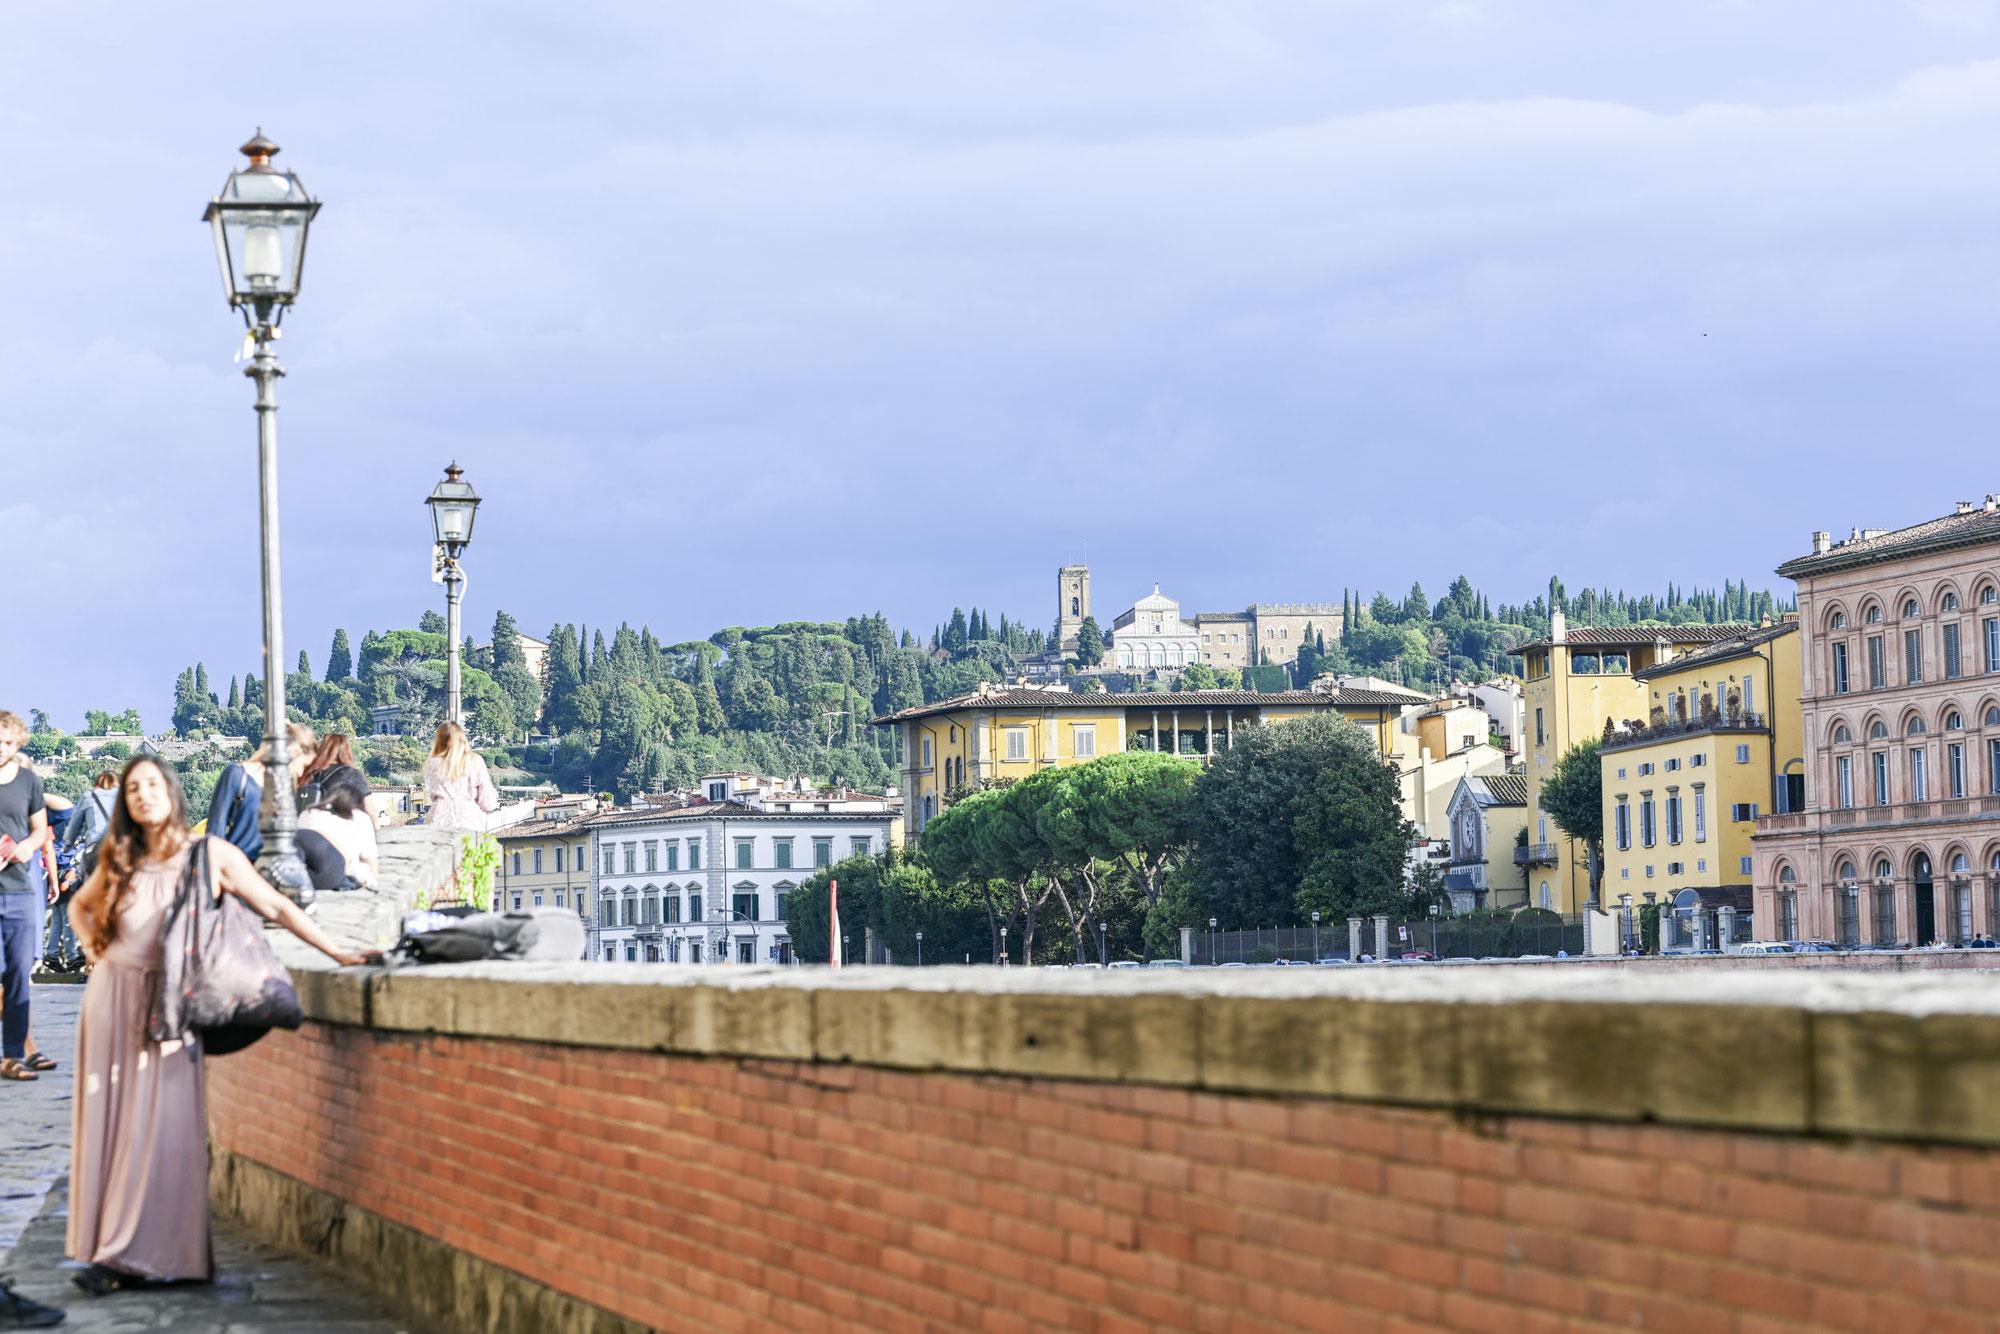 Florenz - Schönheit, die man festhalten möchte.